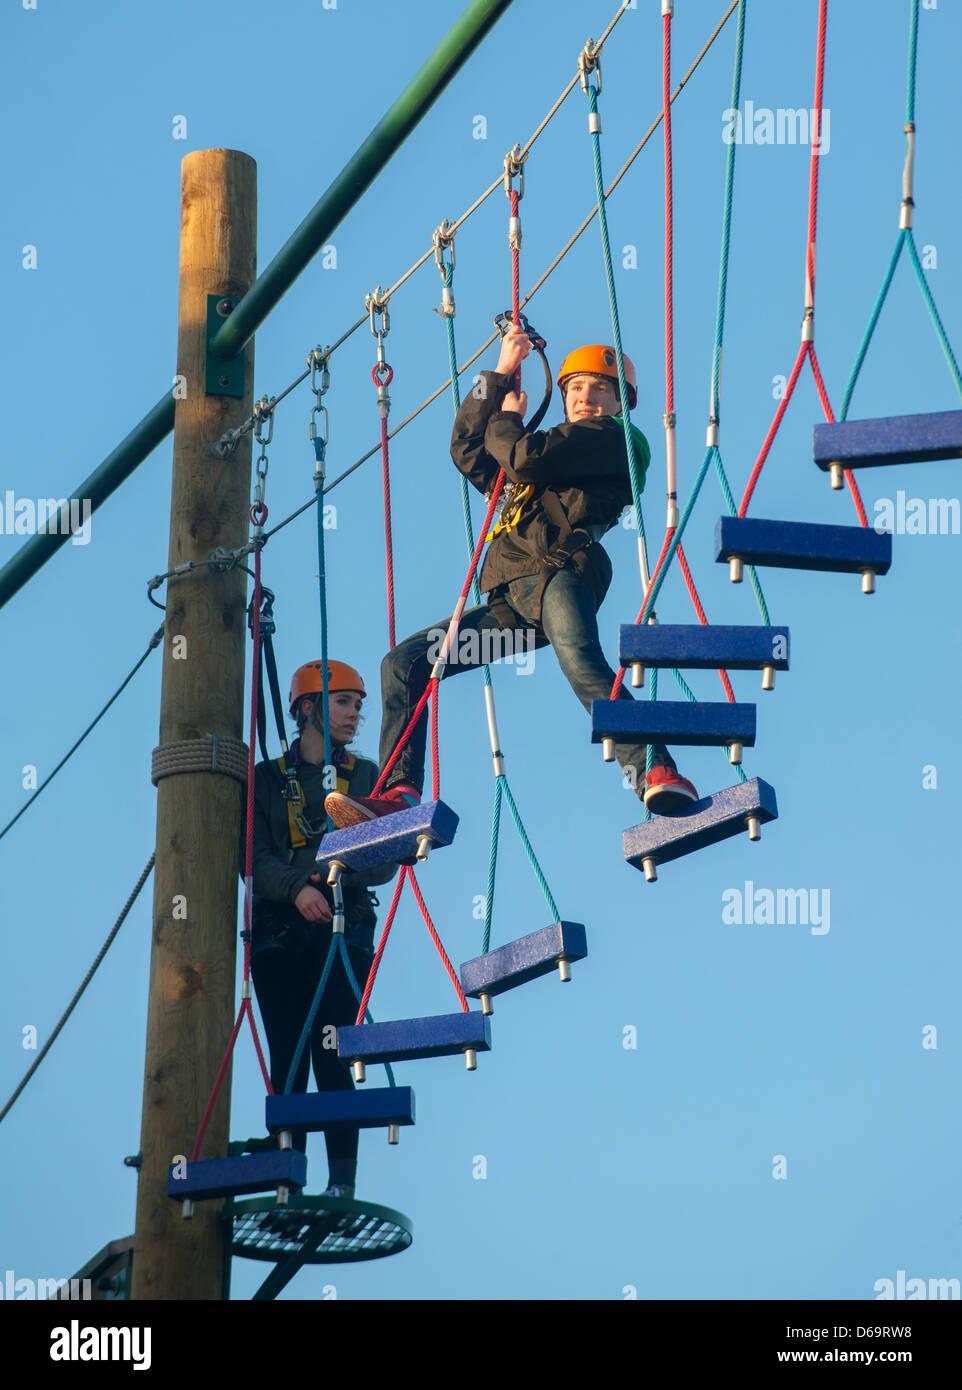 Adolescents escalade sur le parcours Photo Stock